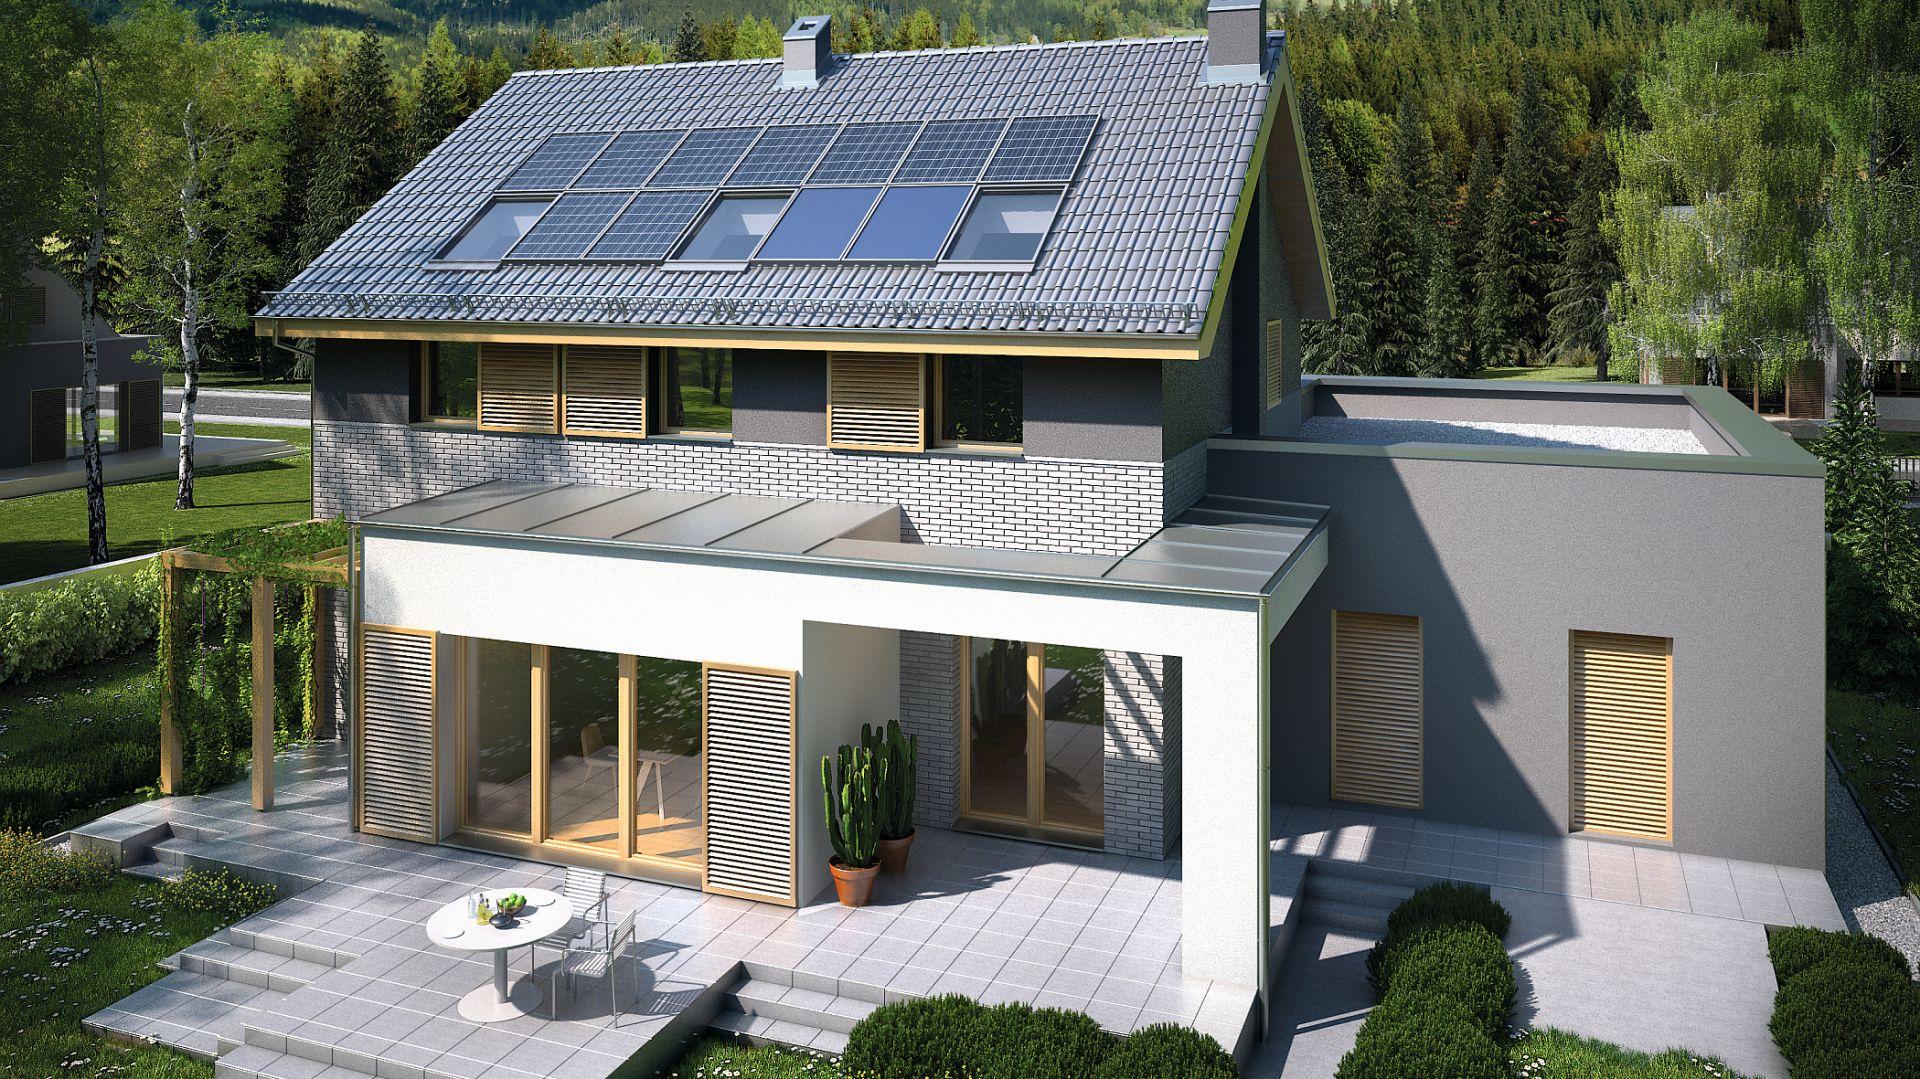 Kolektory słoneczne służą do podgrzewania ciepłej wody użytkowej. Dodatkowo mogą być wykorzystywane jako wspomaganie wodnego ogrzewania budynku. Projekt: Sielski. Fot. Domy Czystej Energii